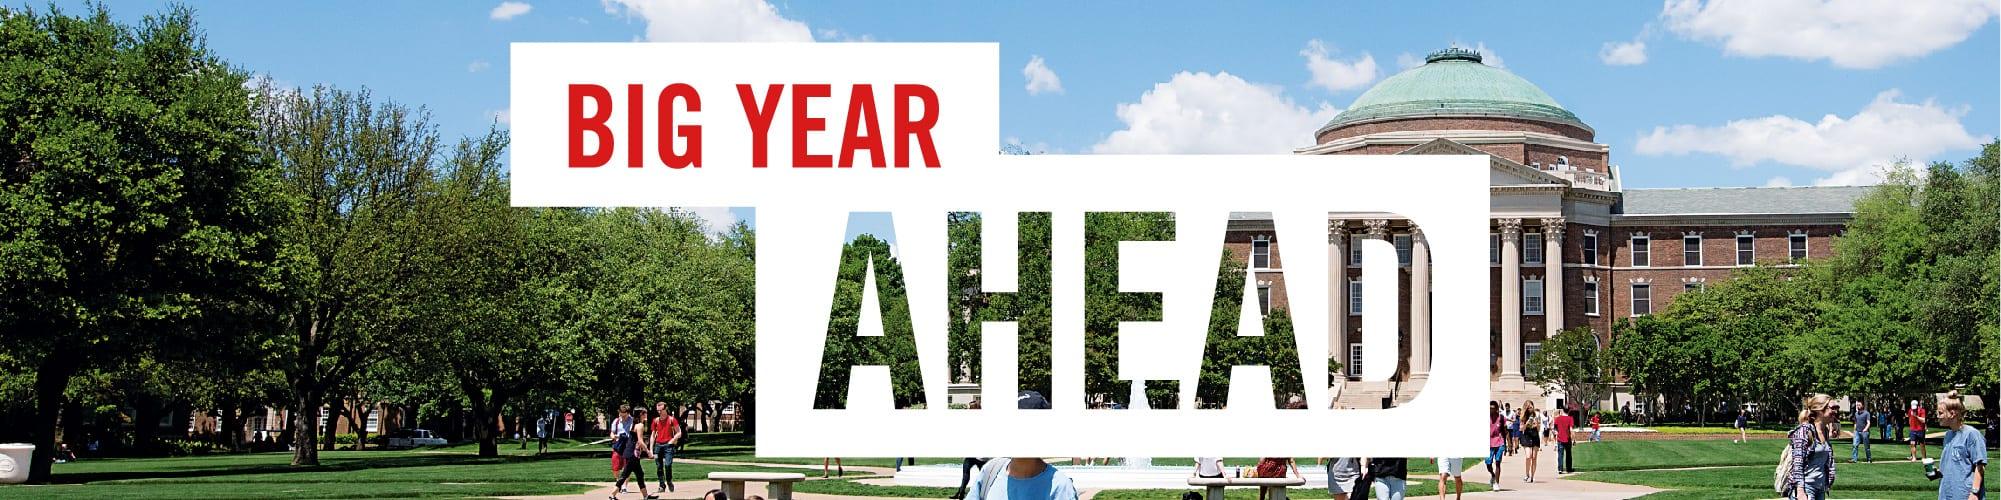 Big Year Ahead